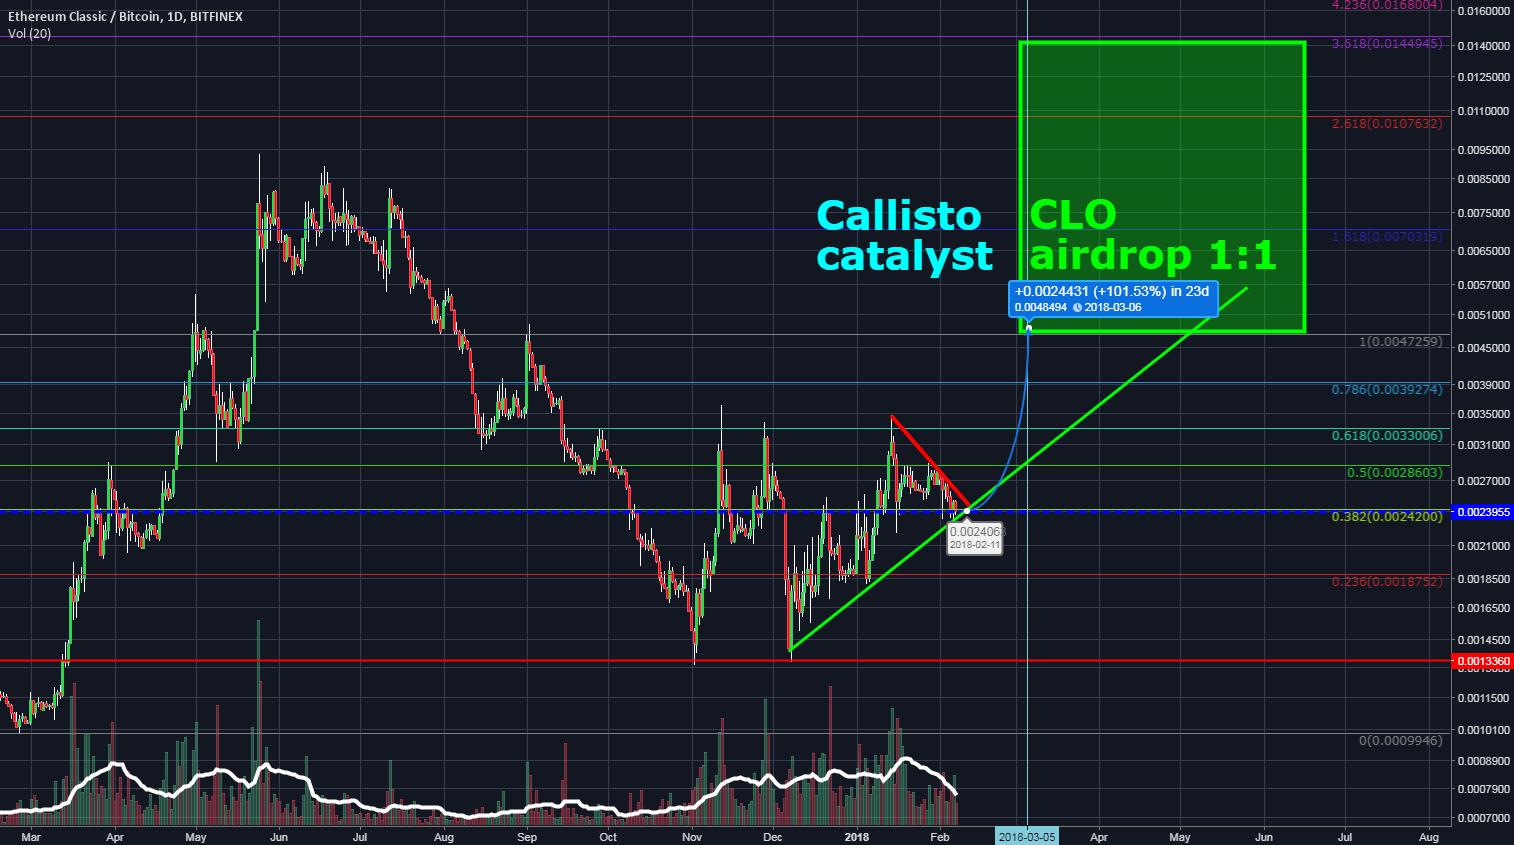 ETC 100% profit in 23 days